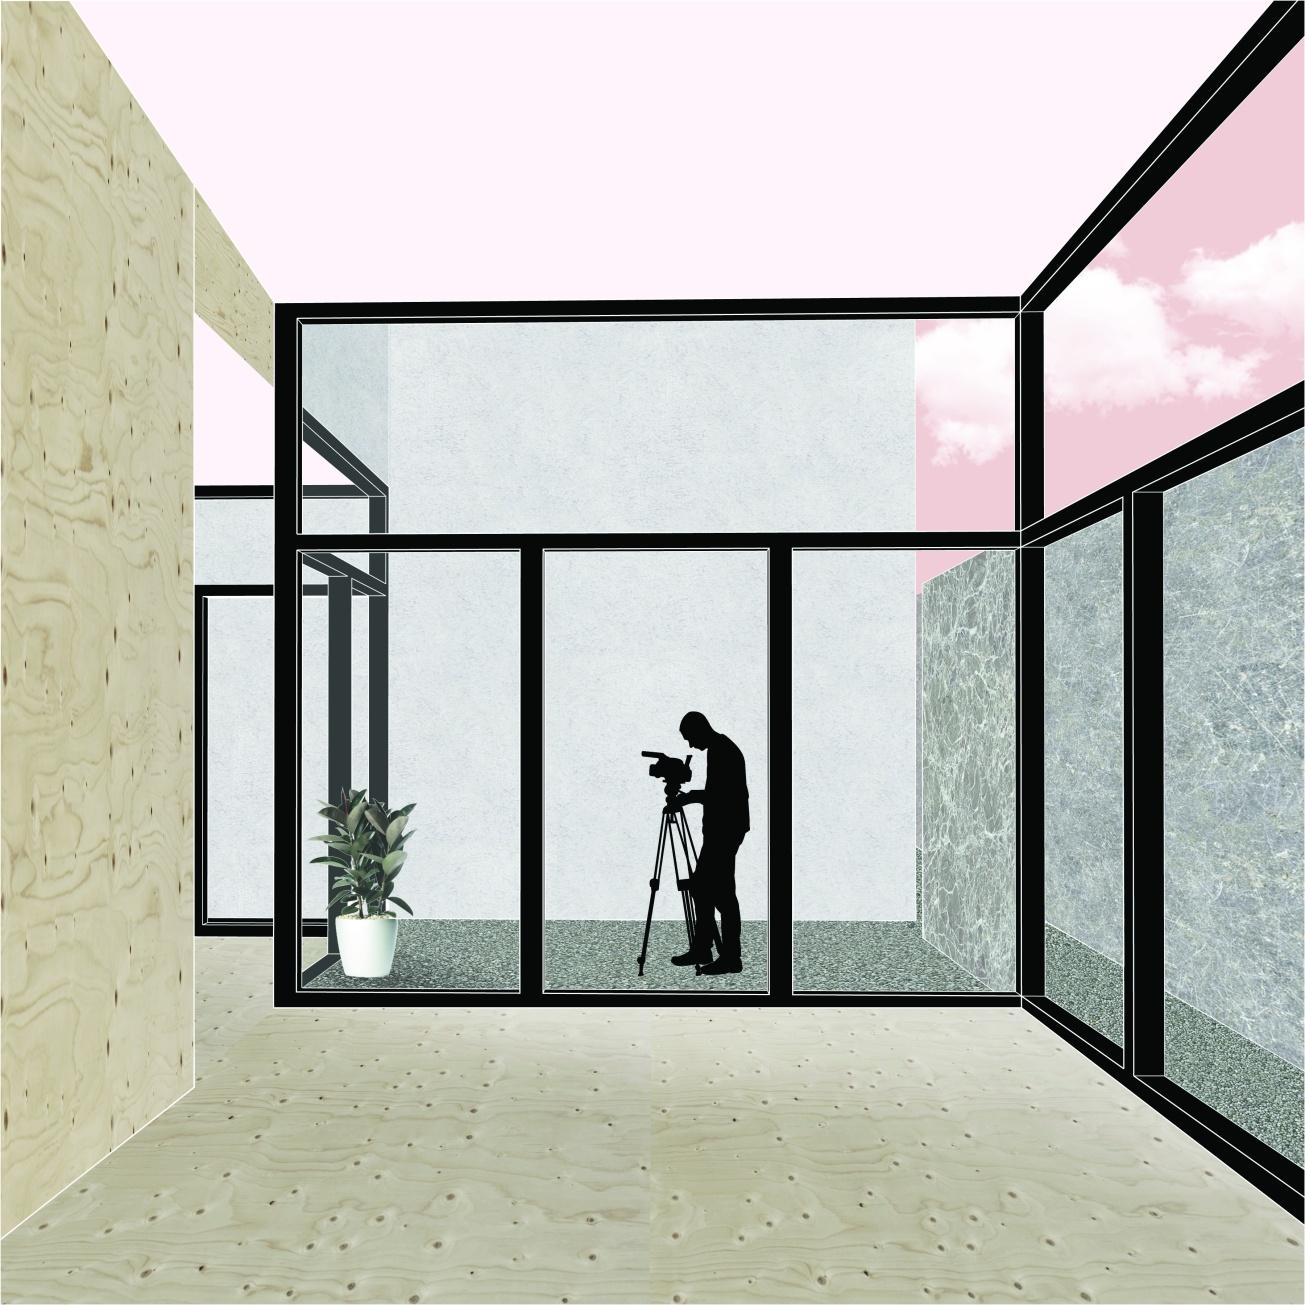 Pasadena Housing_Anya Budzinskaya_Cal Poly Pomona